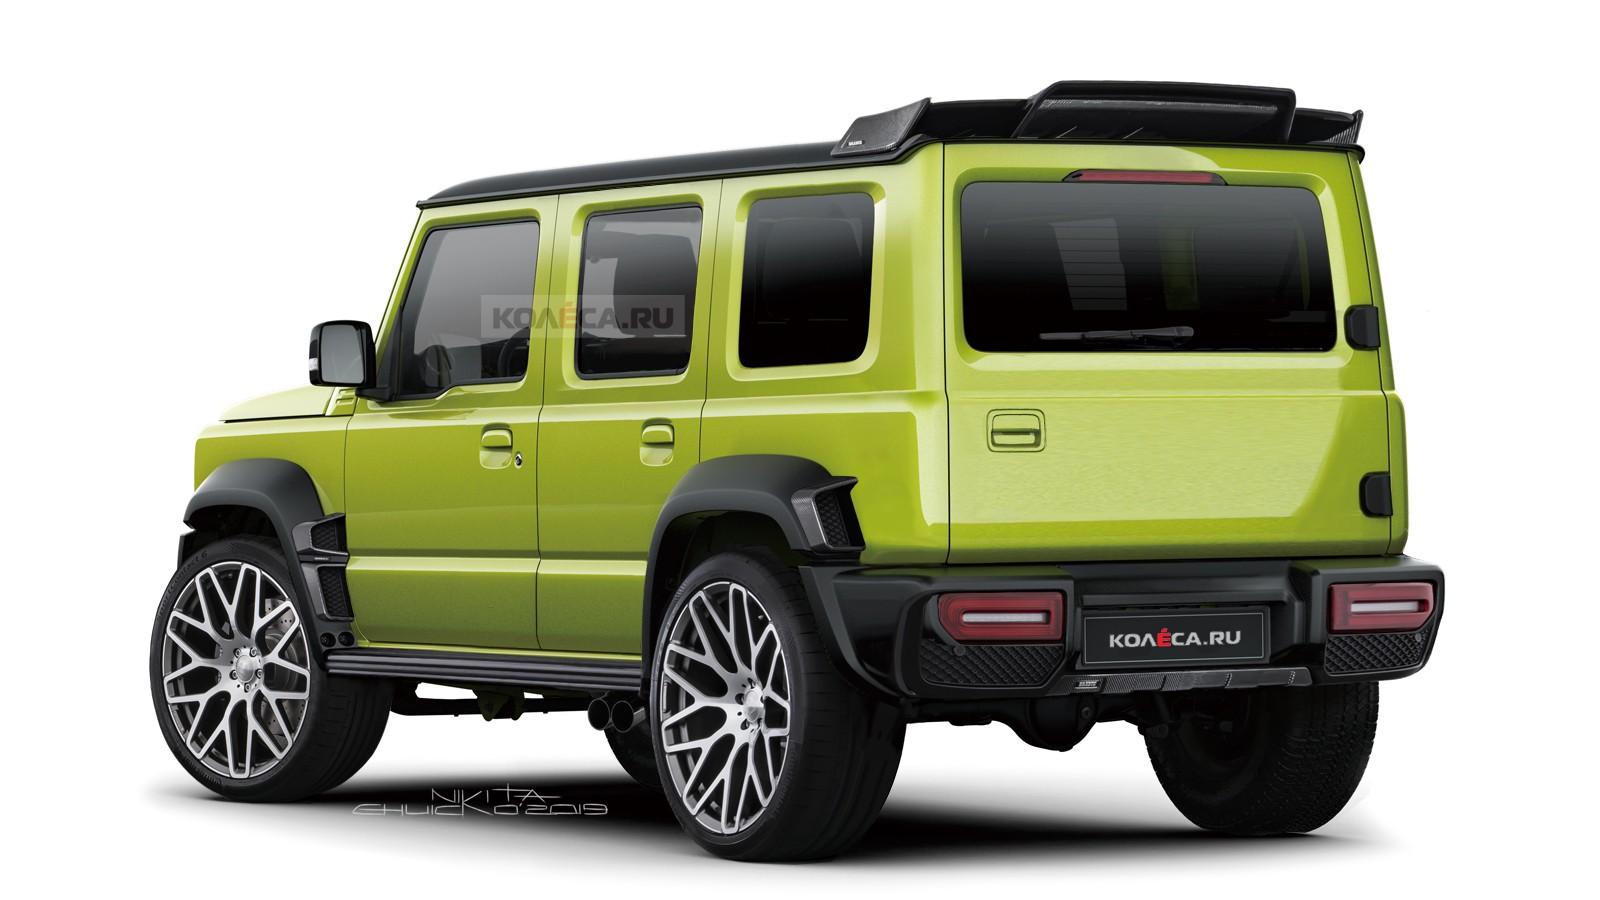 Дерзкий бюджетник: пятидверный Suzuki Jimny в премиальном тюнинге